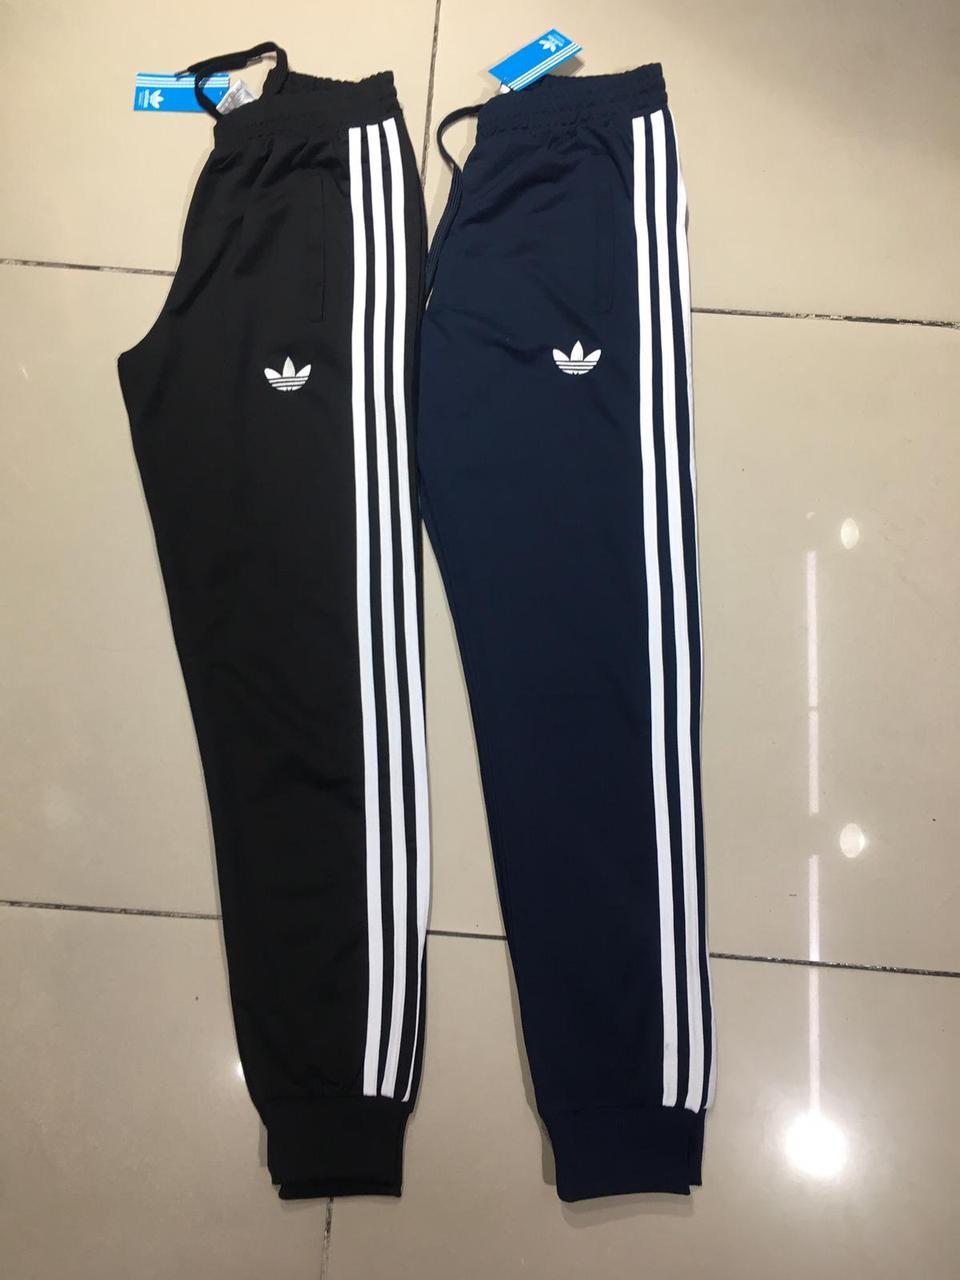 Спортивные мужские штаны на манжете Adidas Черный с резинкой на весну лето Спорт штаны мужские Адидас S